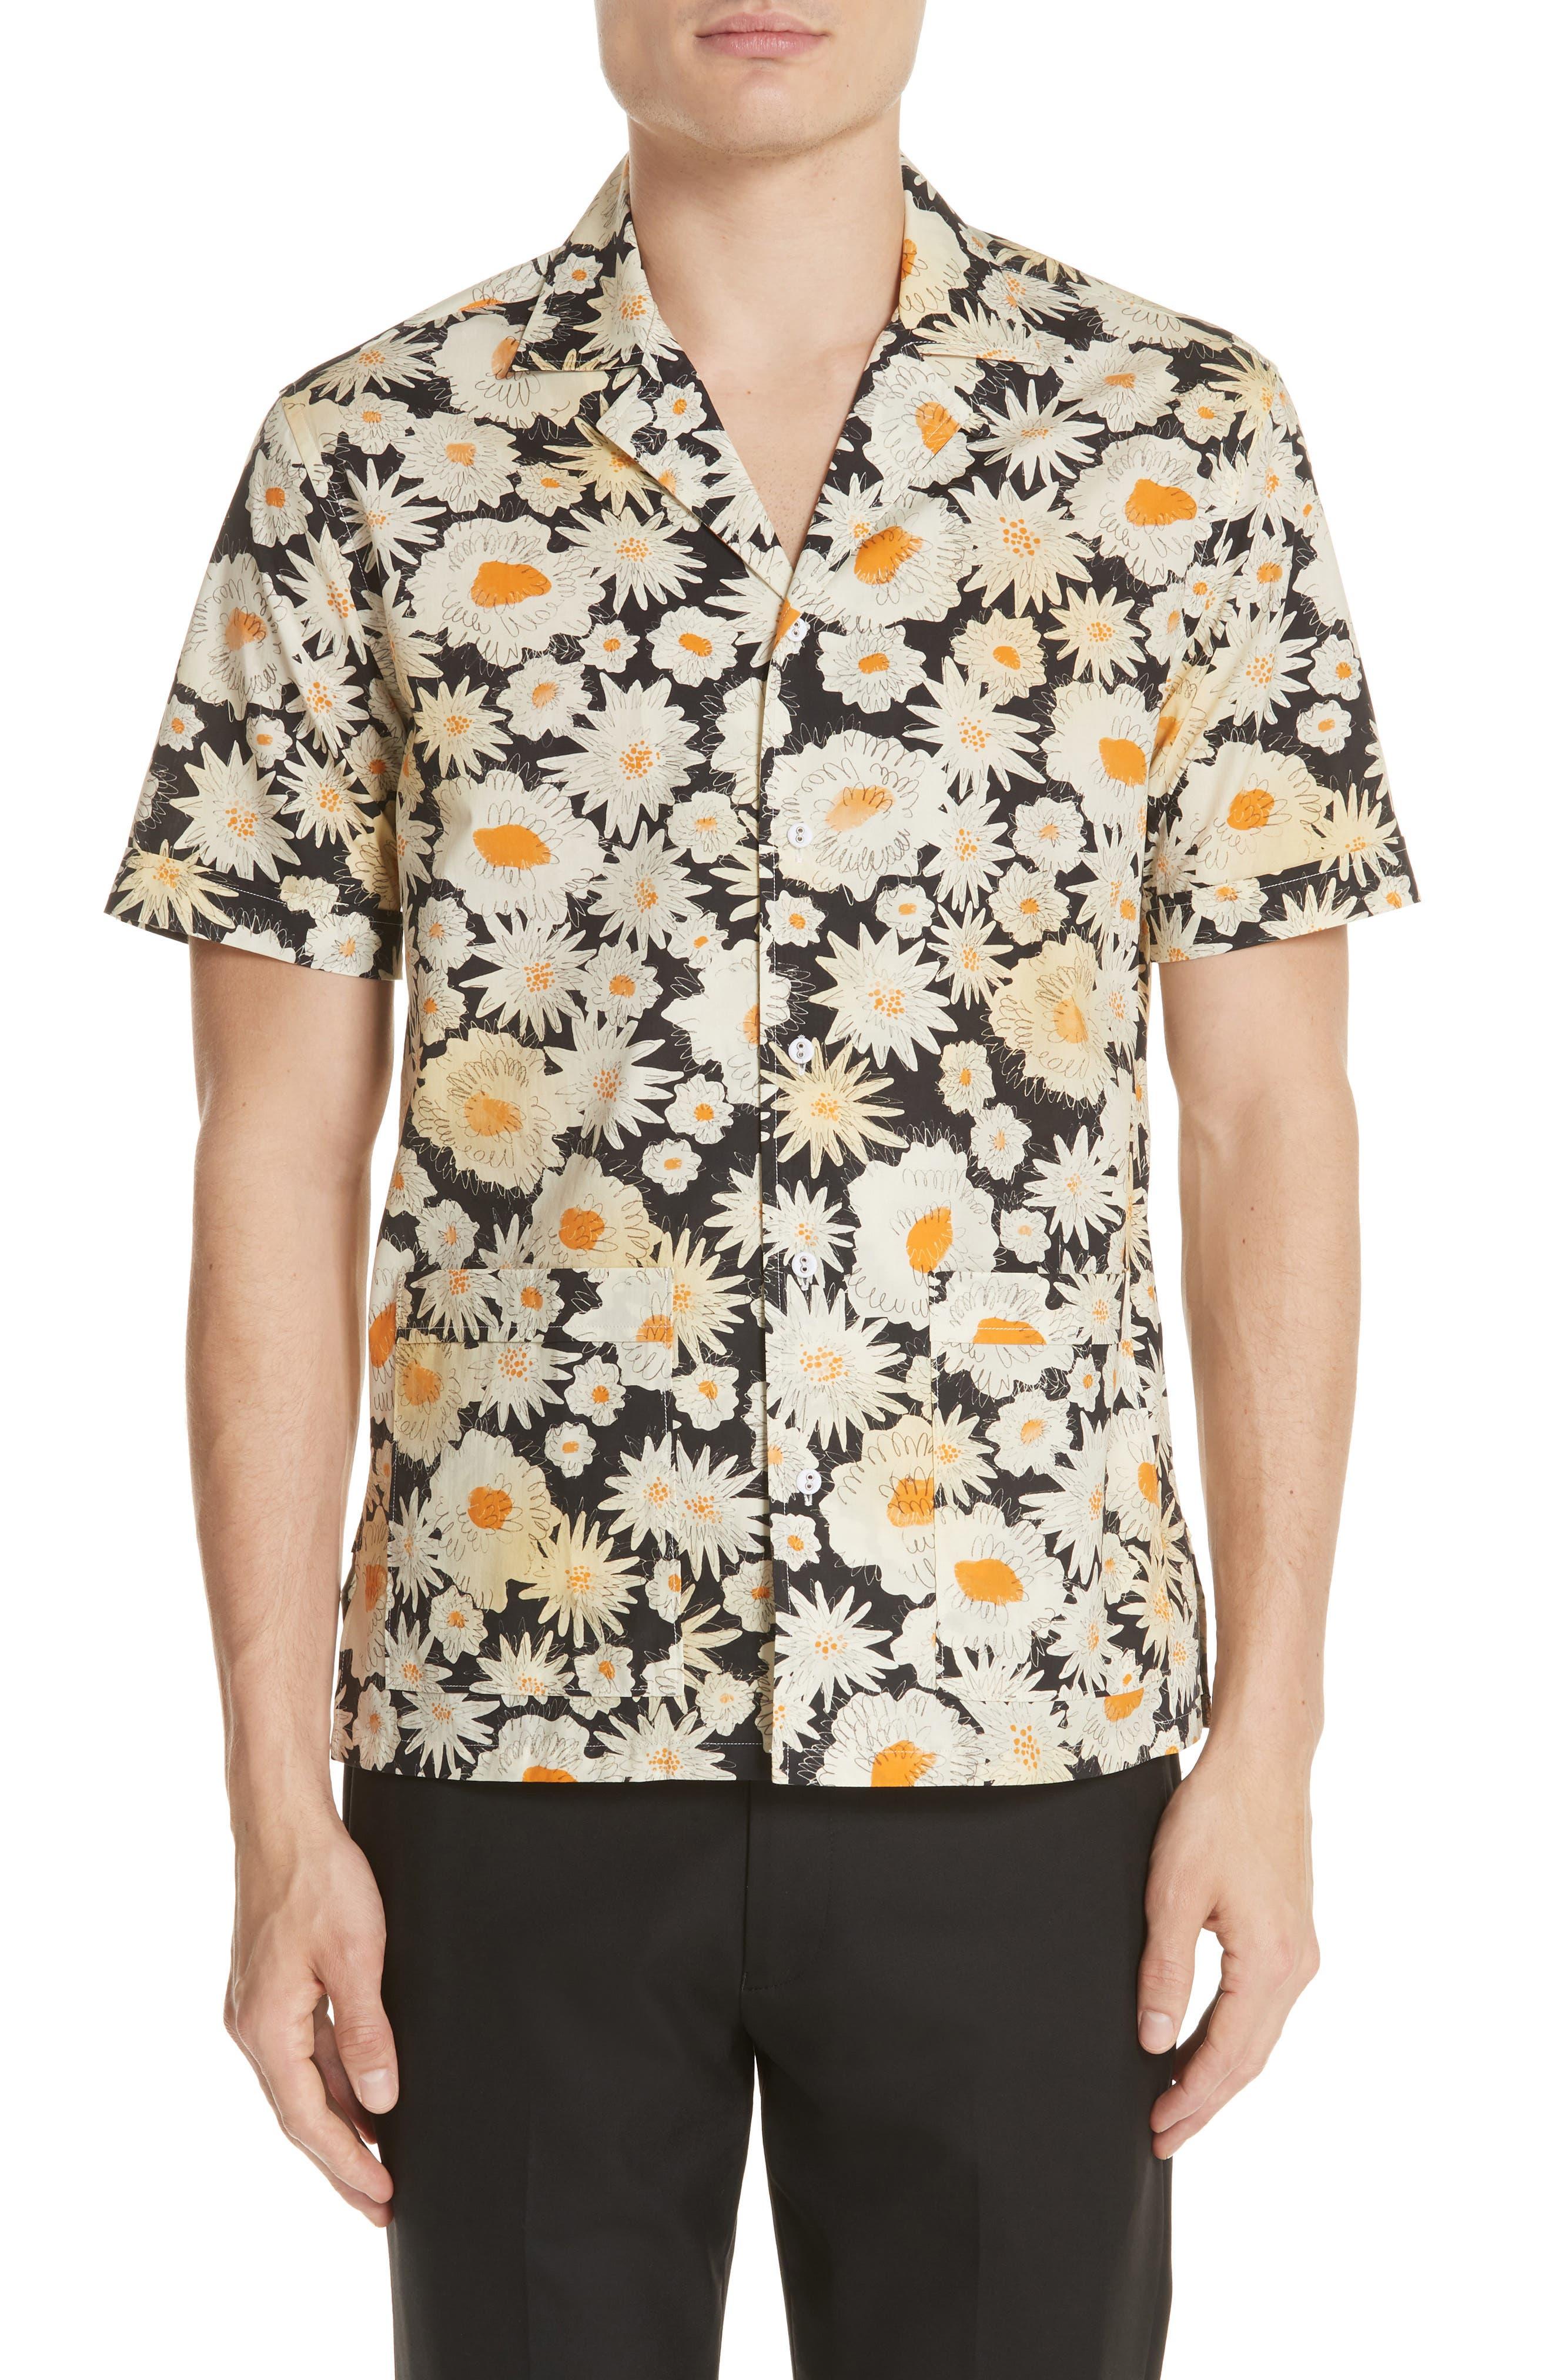 Jude Floral Print Shirt,                             Main thumbnail 1, color,                             001